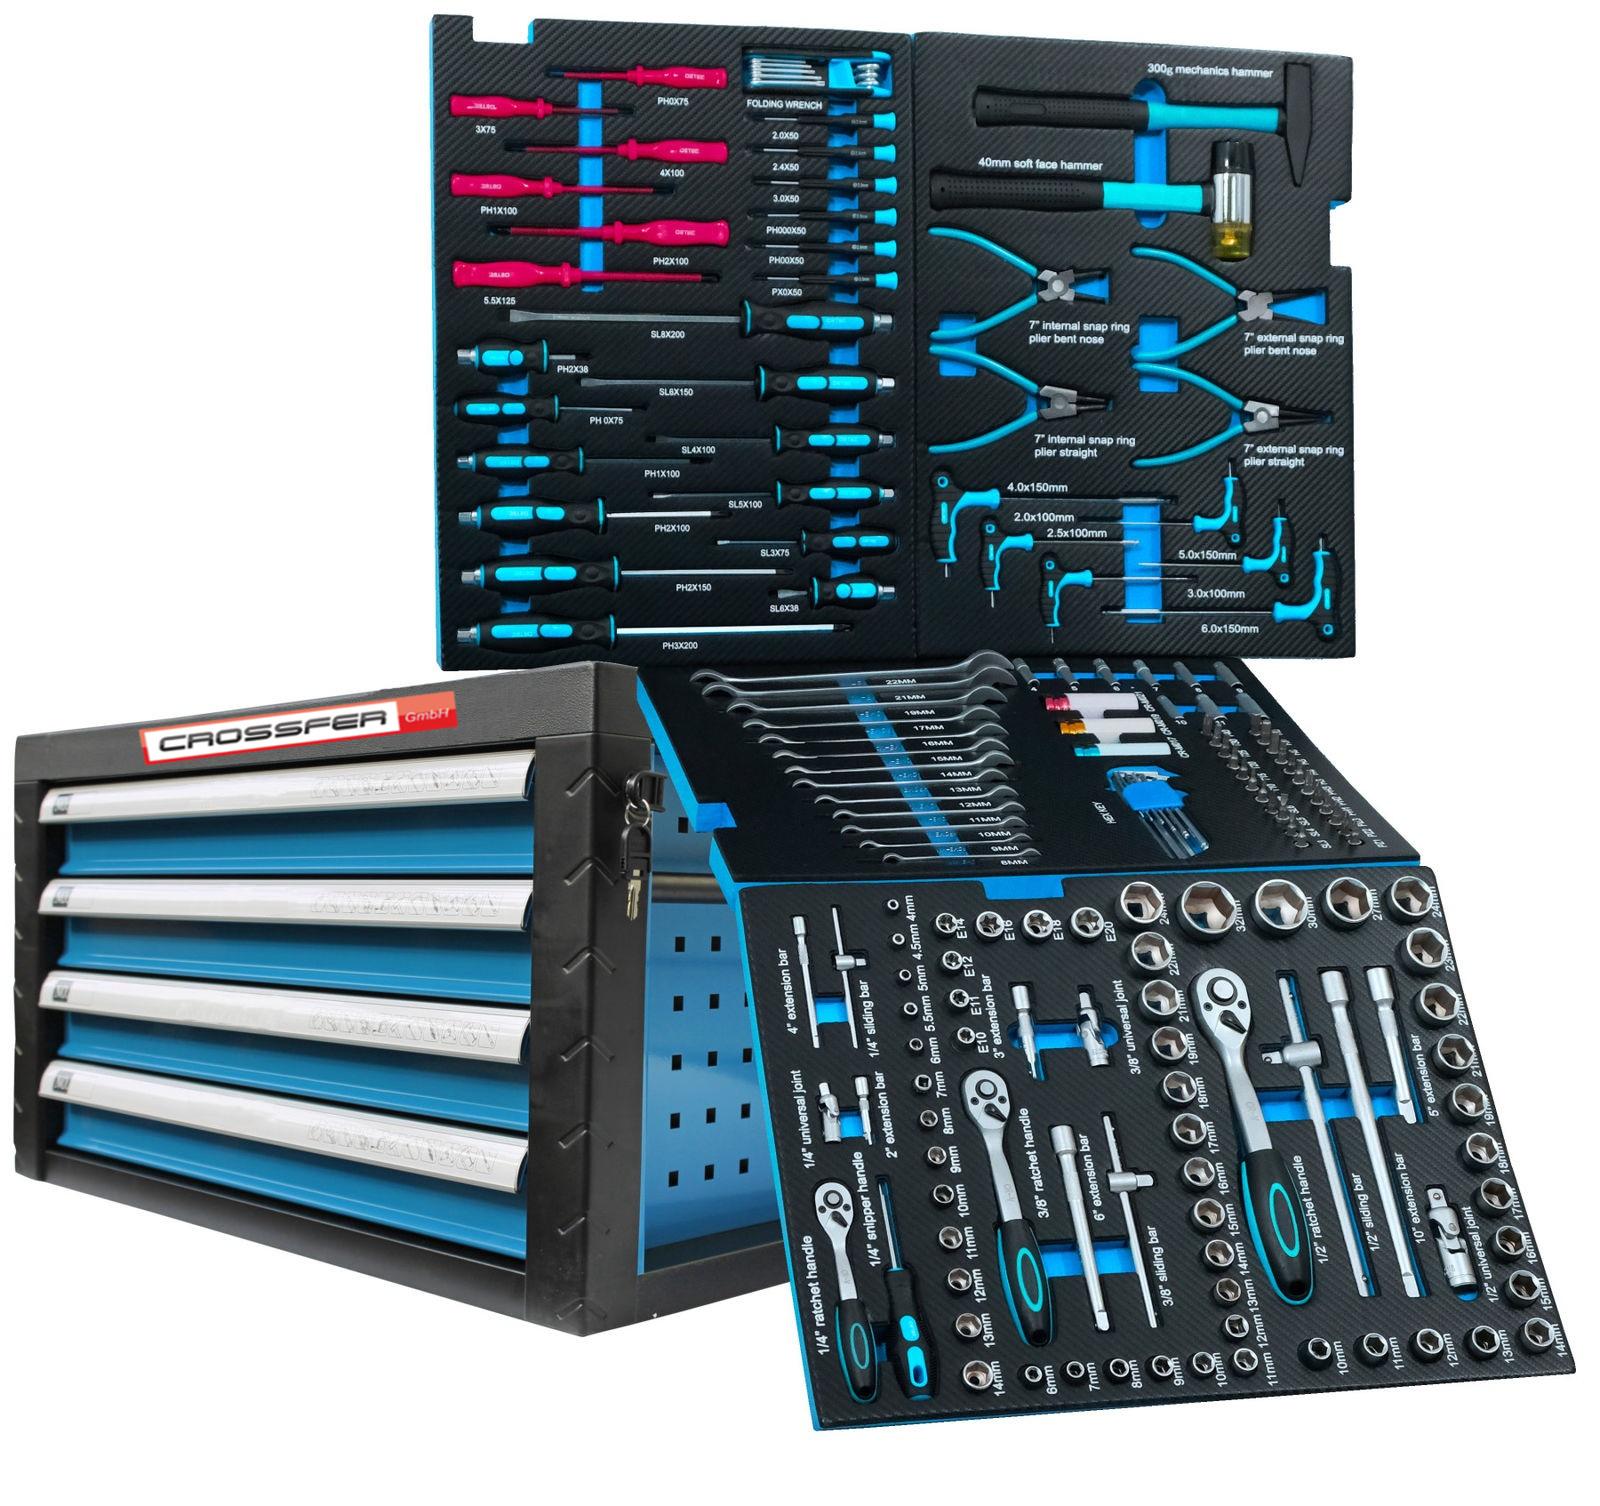 Werkzeugkiste 4 Schubladen gefüllt mit Werkzeug